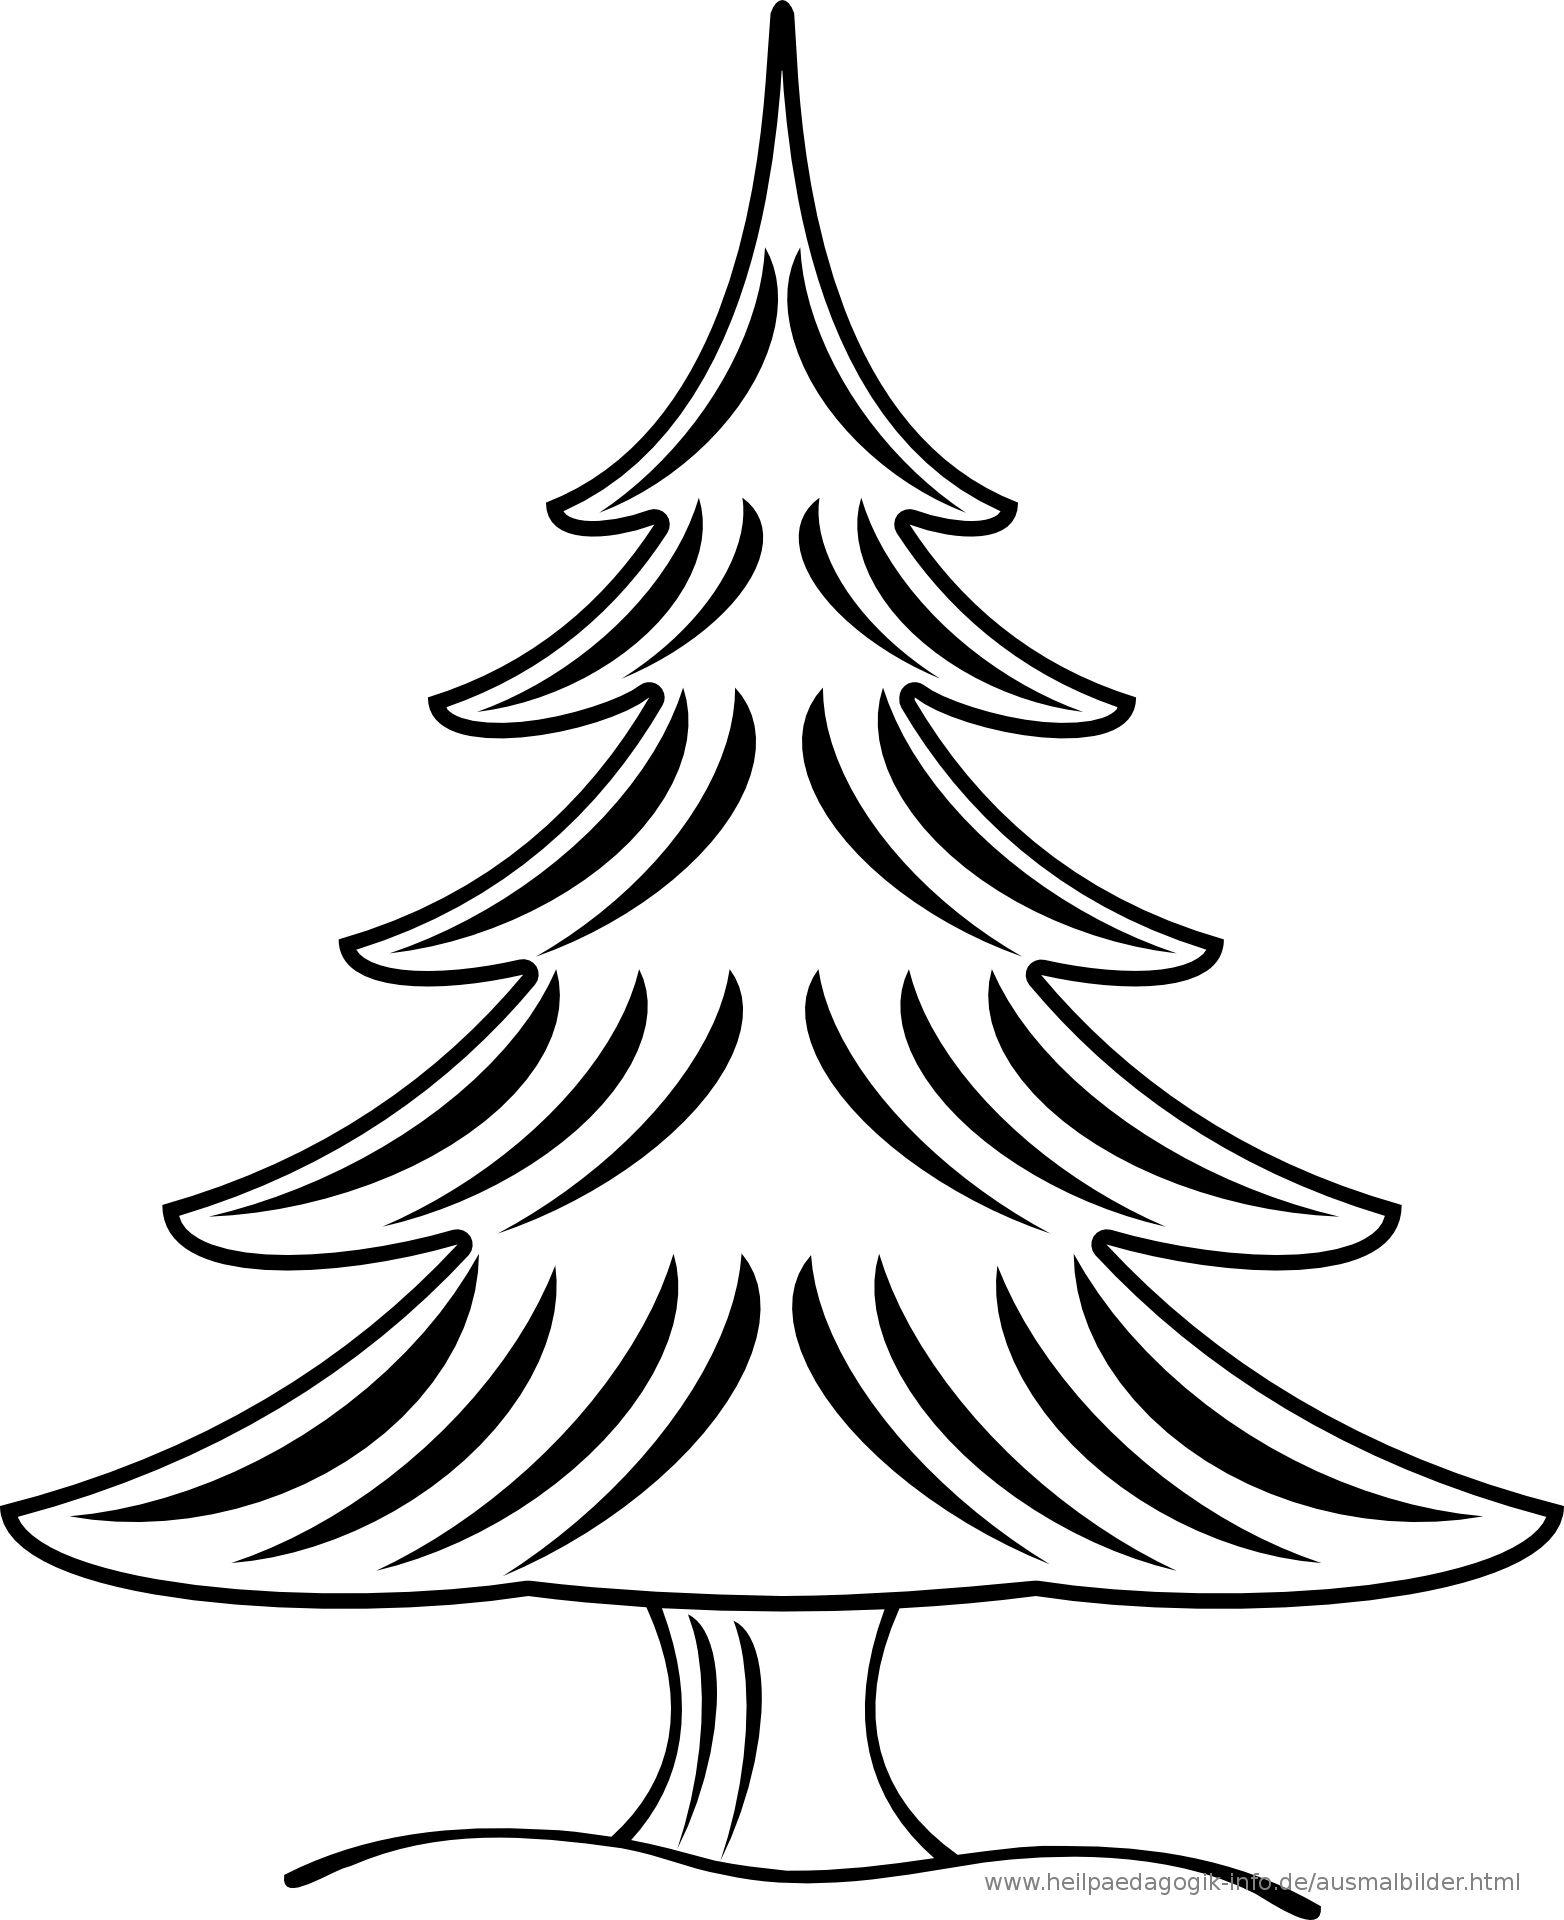 Ten Beste Tannenbaum Malvorlage Eingebung 8  Eingebung